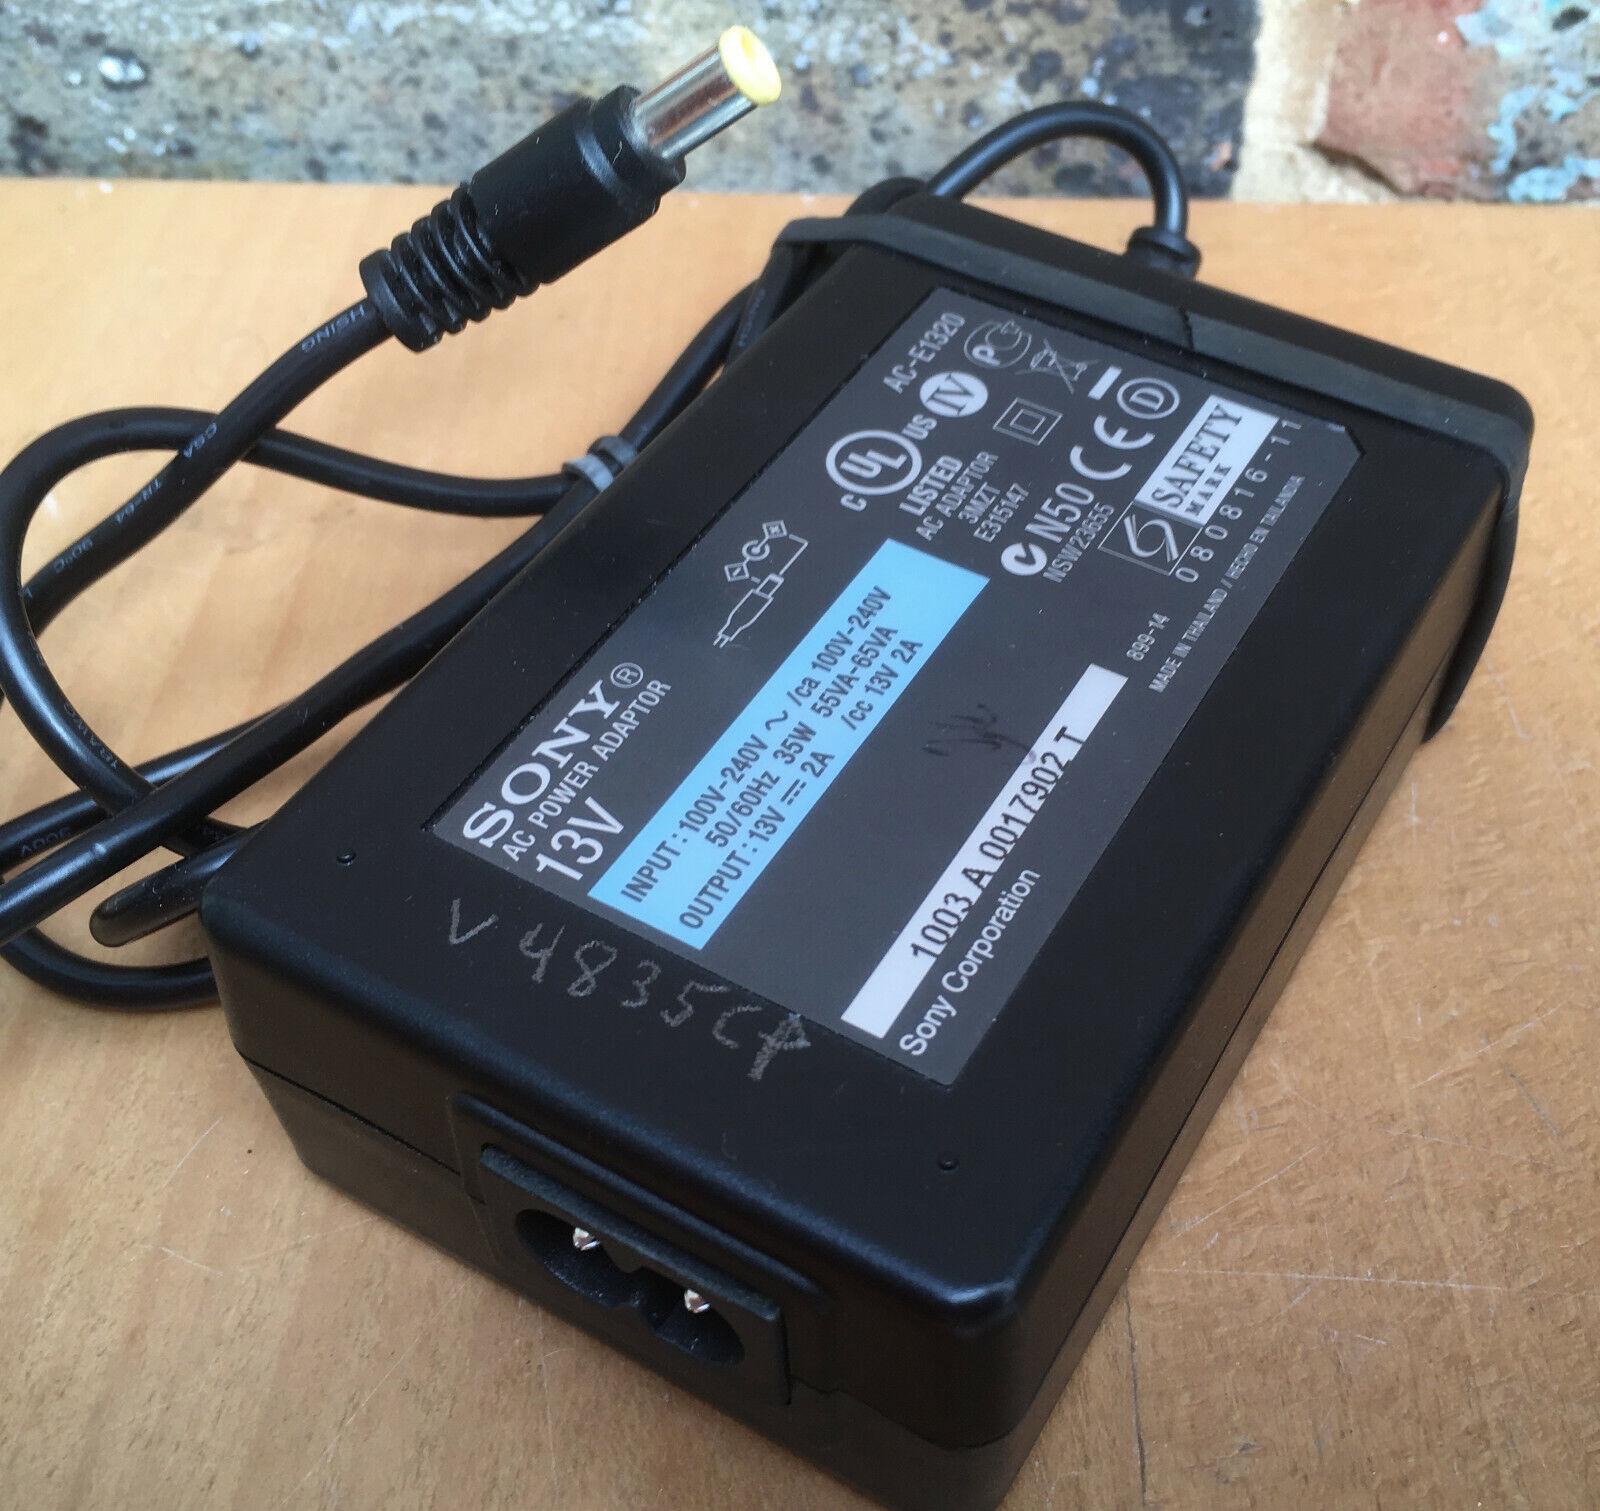 Sony AC-E1320 DC 13V 2A AC/DC Plug Adaptor PSU Power Supply mains adapter